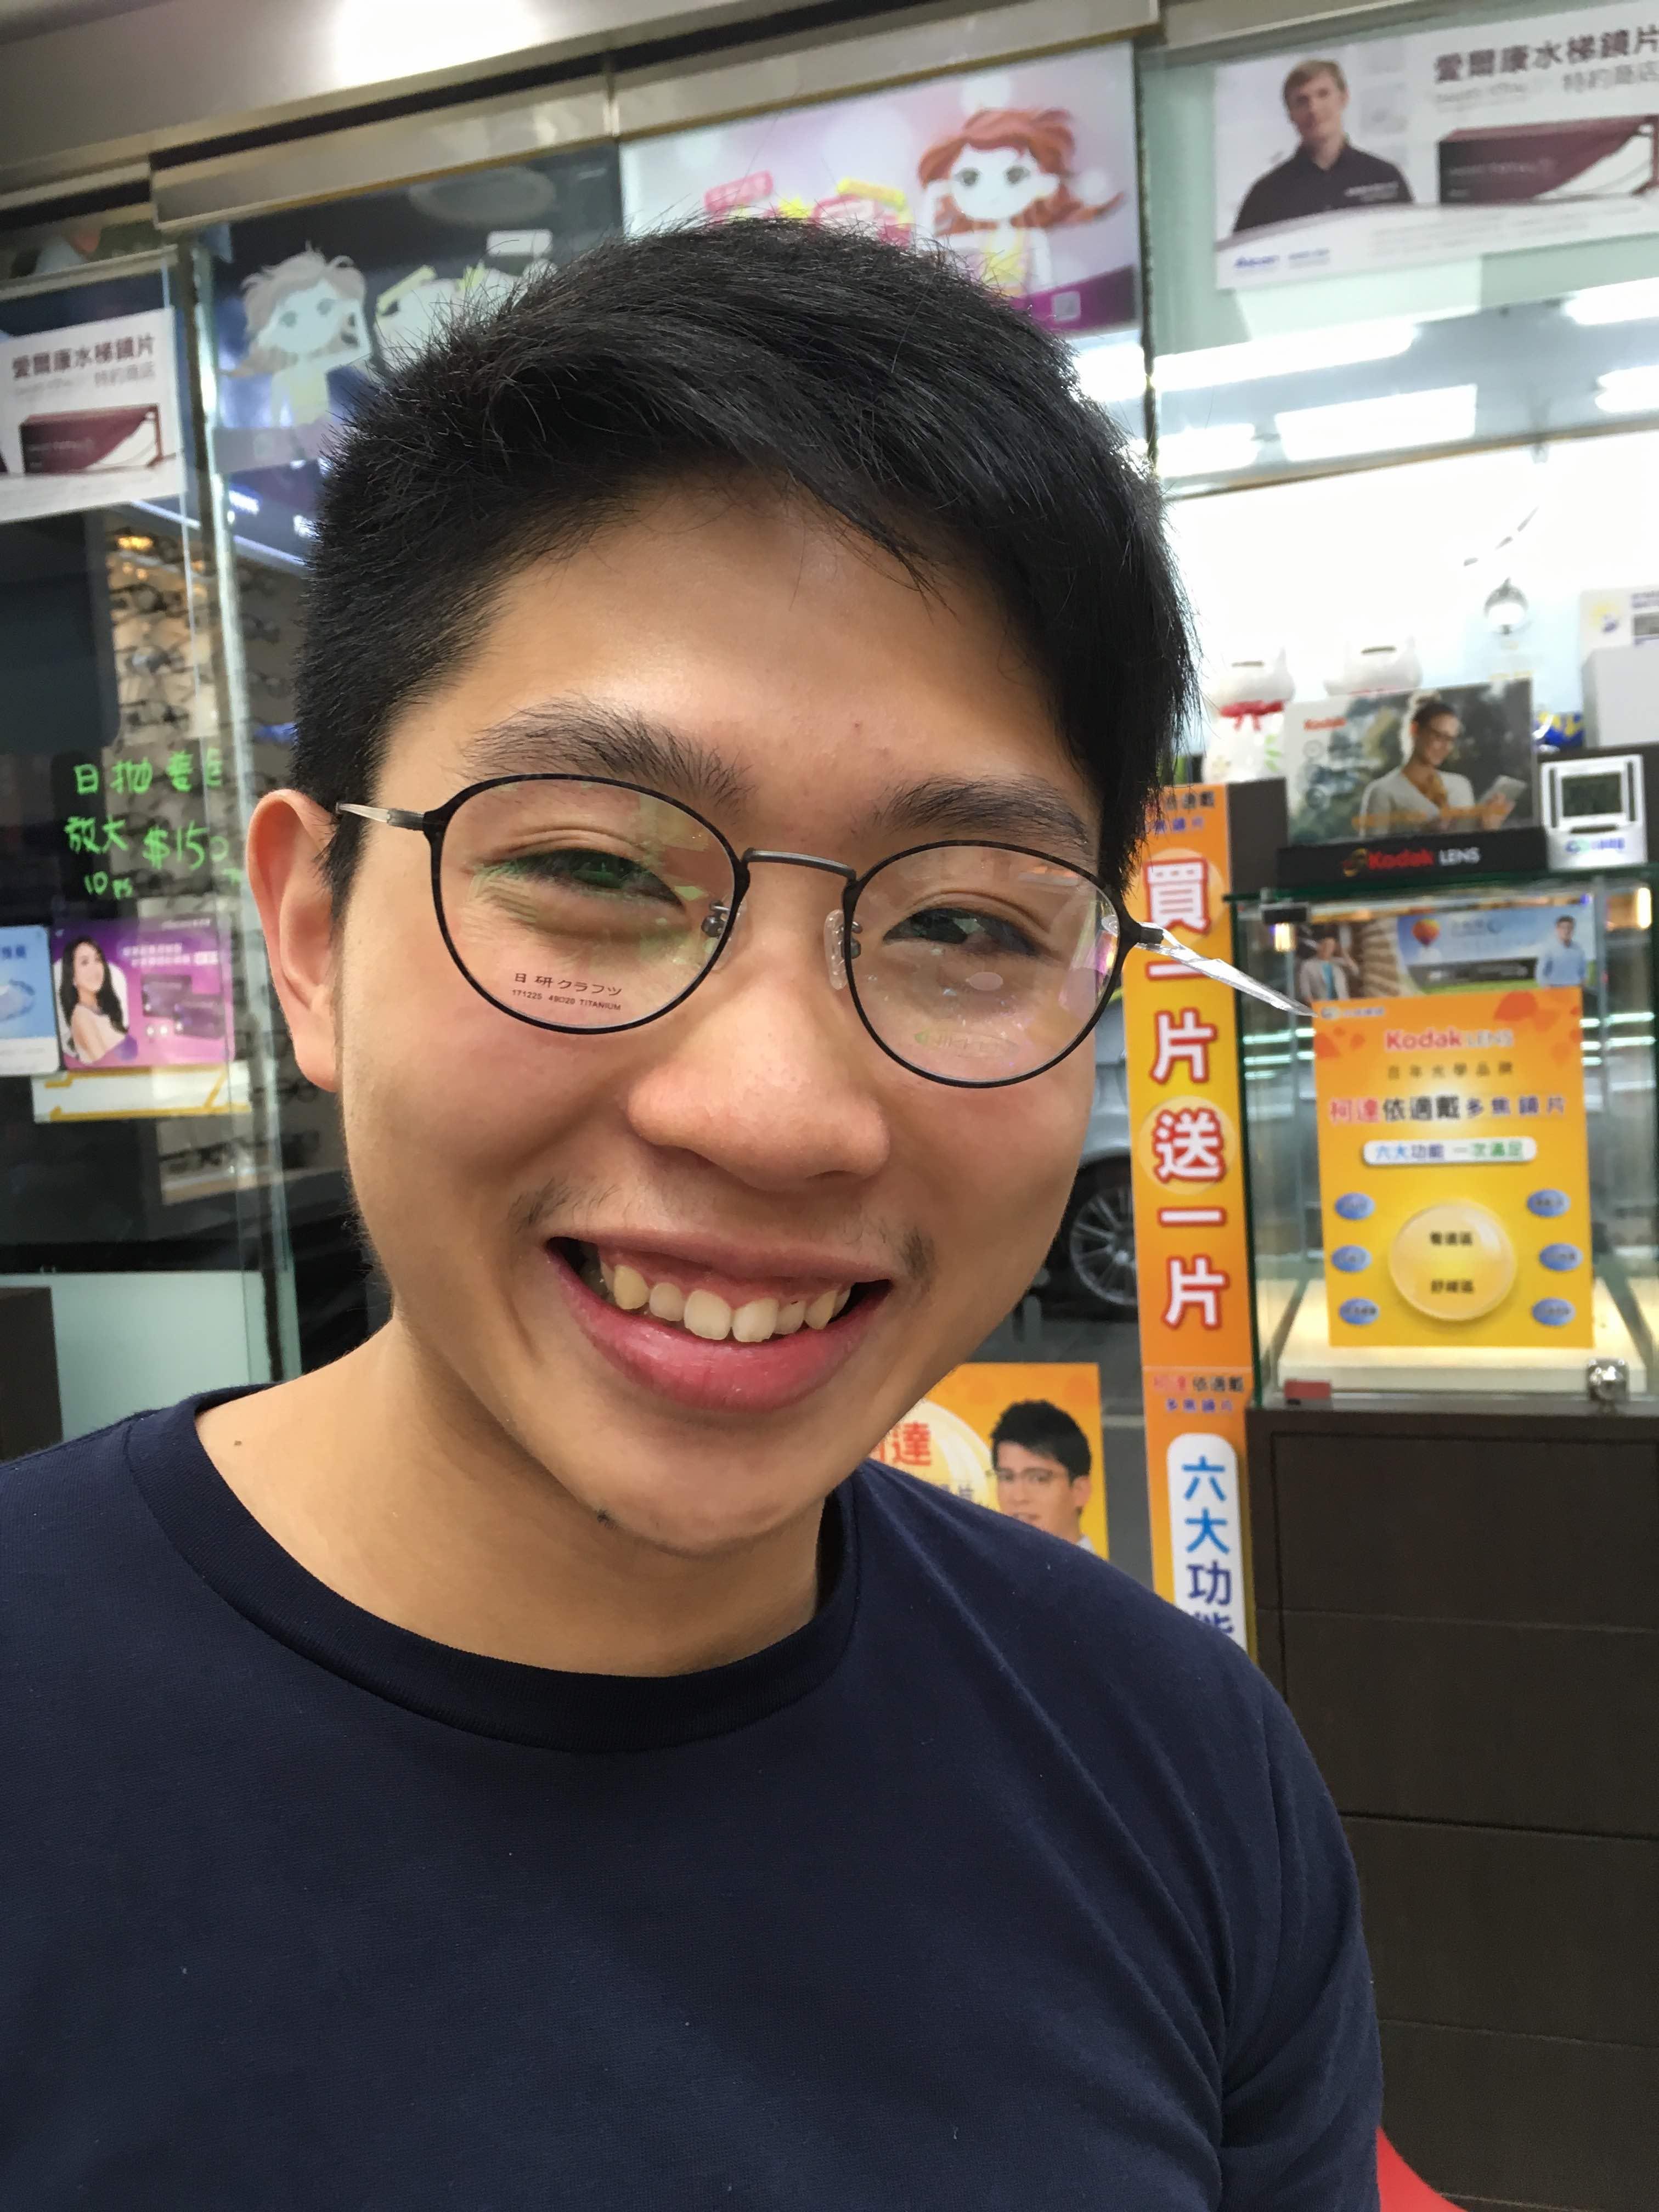 Hsiang-Wen Chen